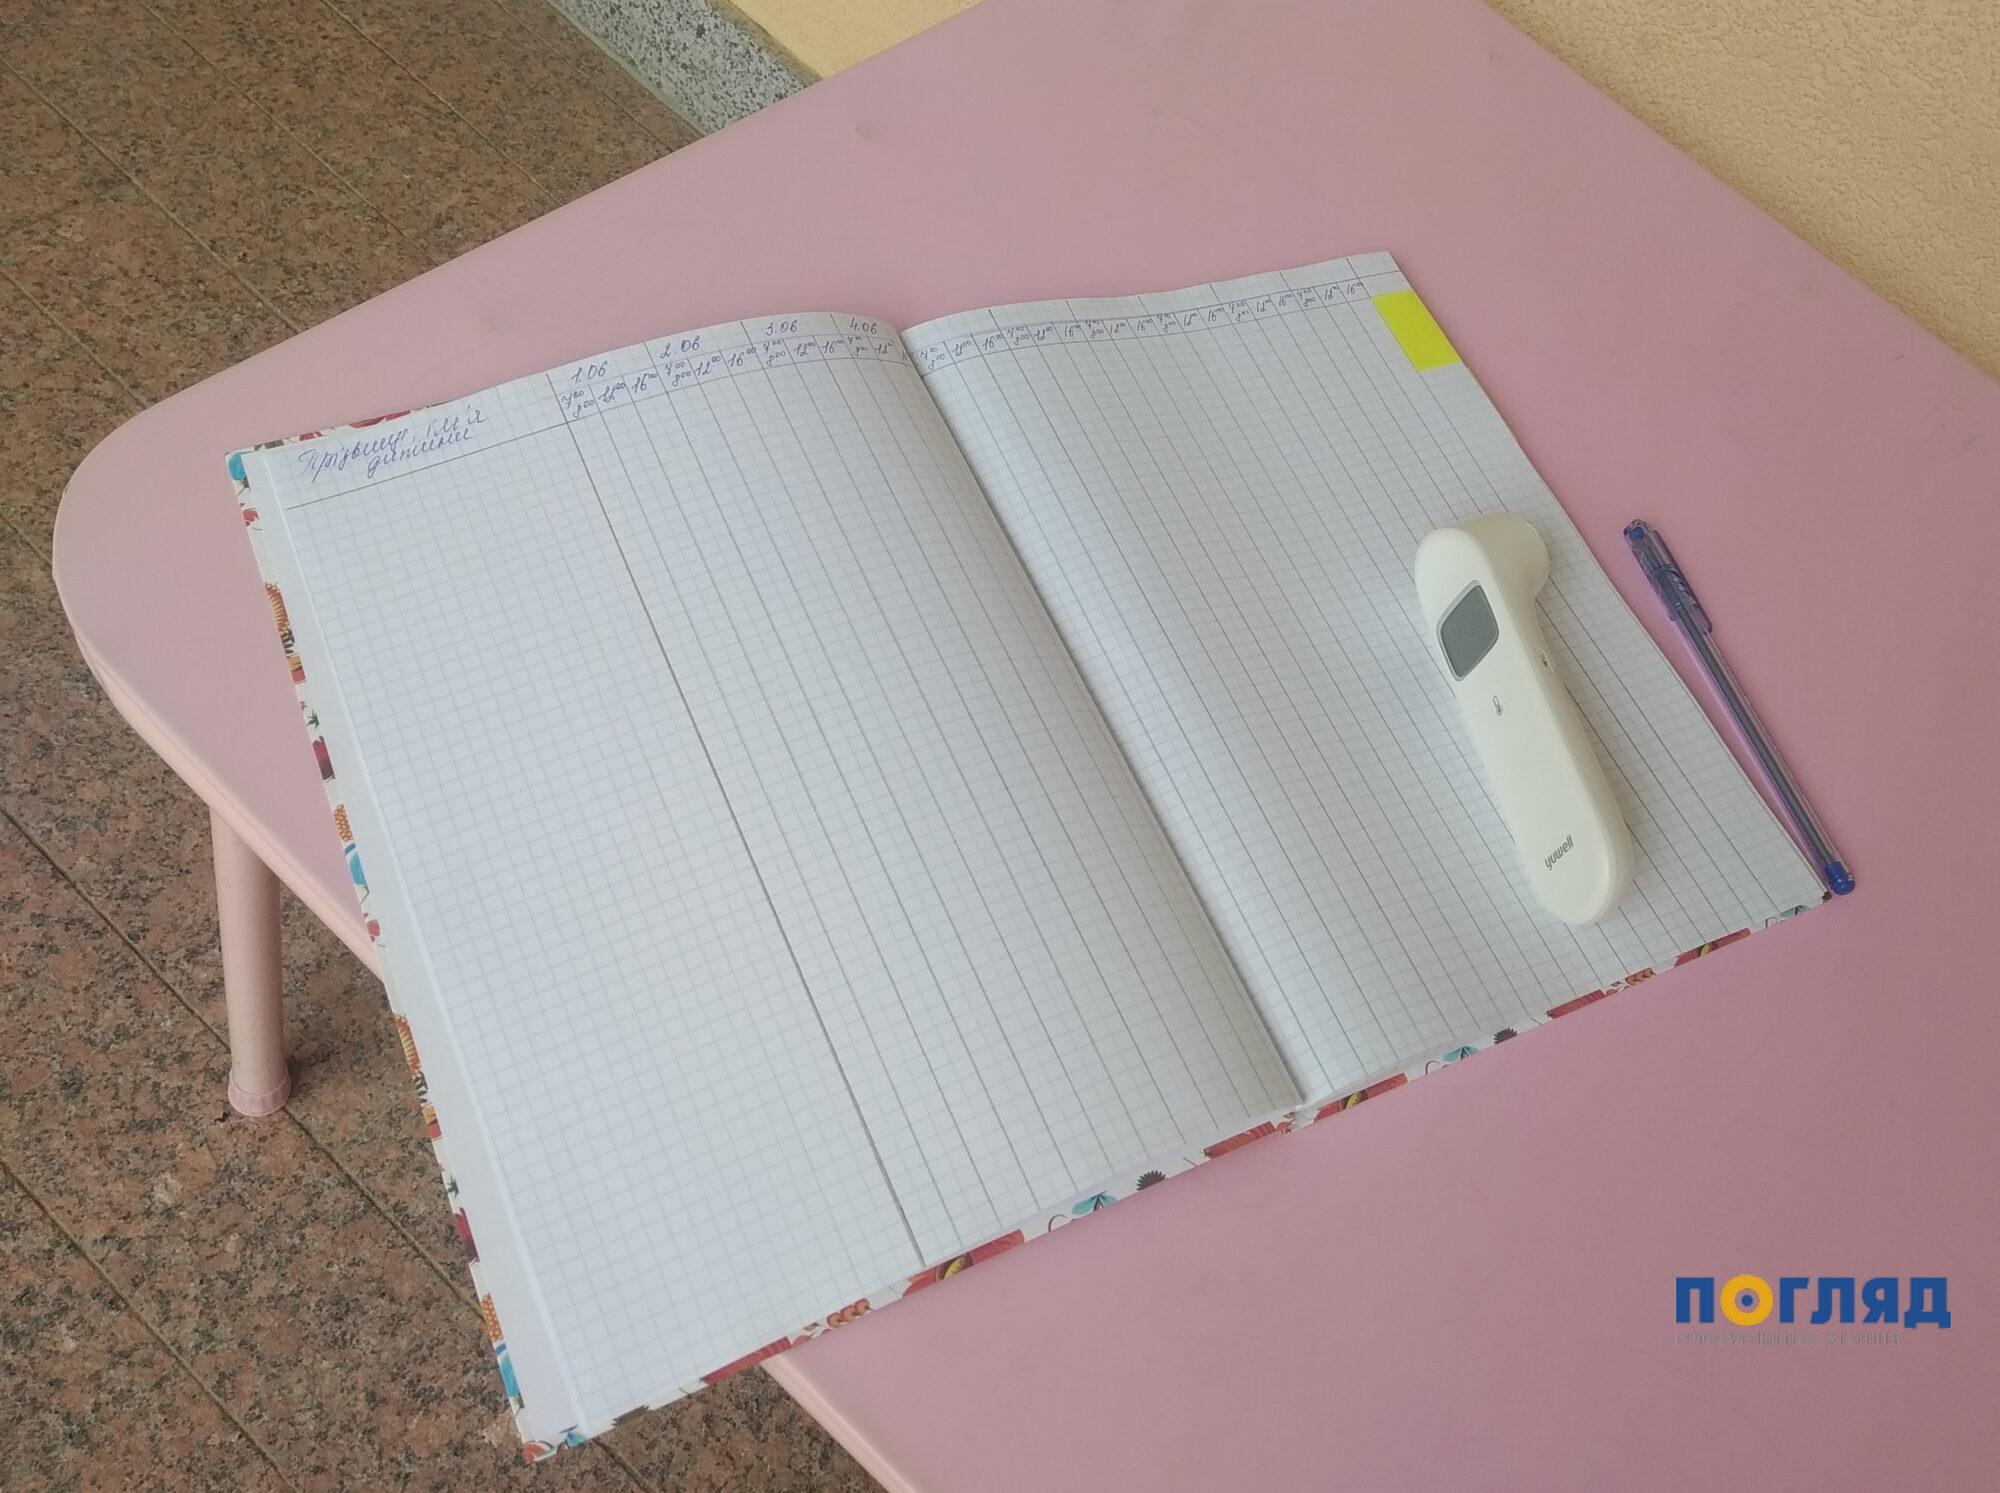 Українські діти підуть до школи 1 вересня за розробленими правилами - школярі, школа, Освіта - 000IMG 20200526 113735 2000x1493